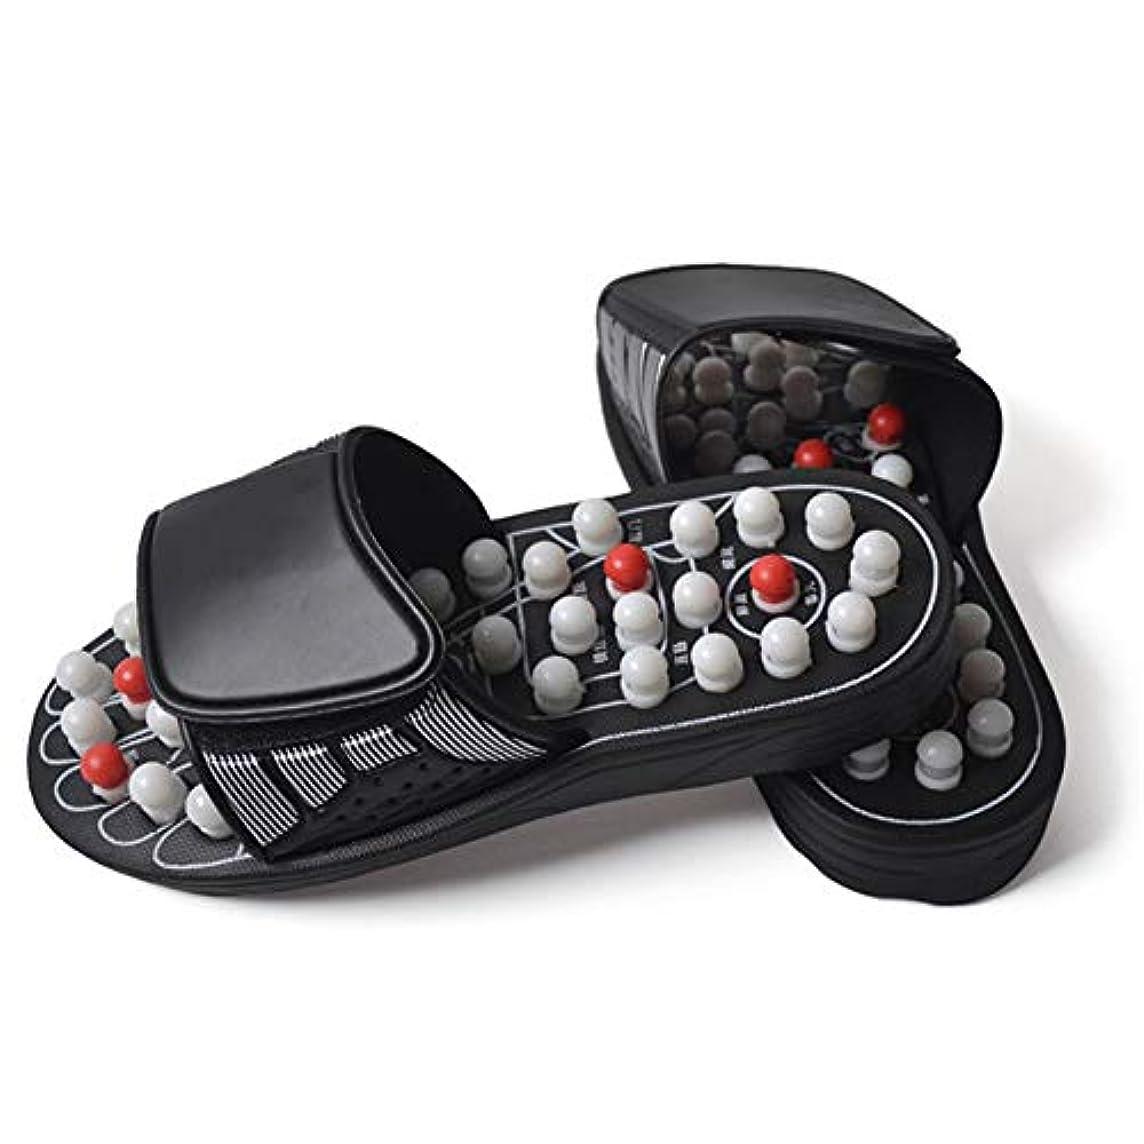 速度バンカーログ太極拳回転マッサージスリッパAcupoint男性と女性の健康スリッパフィットマッサージ健康靴 (XL,白)